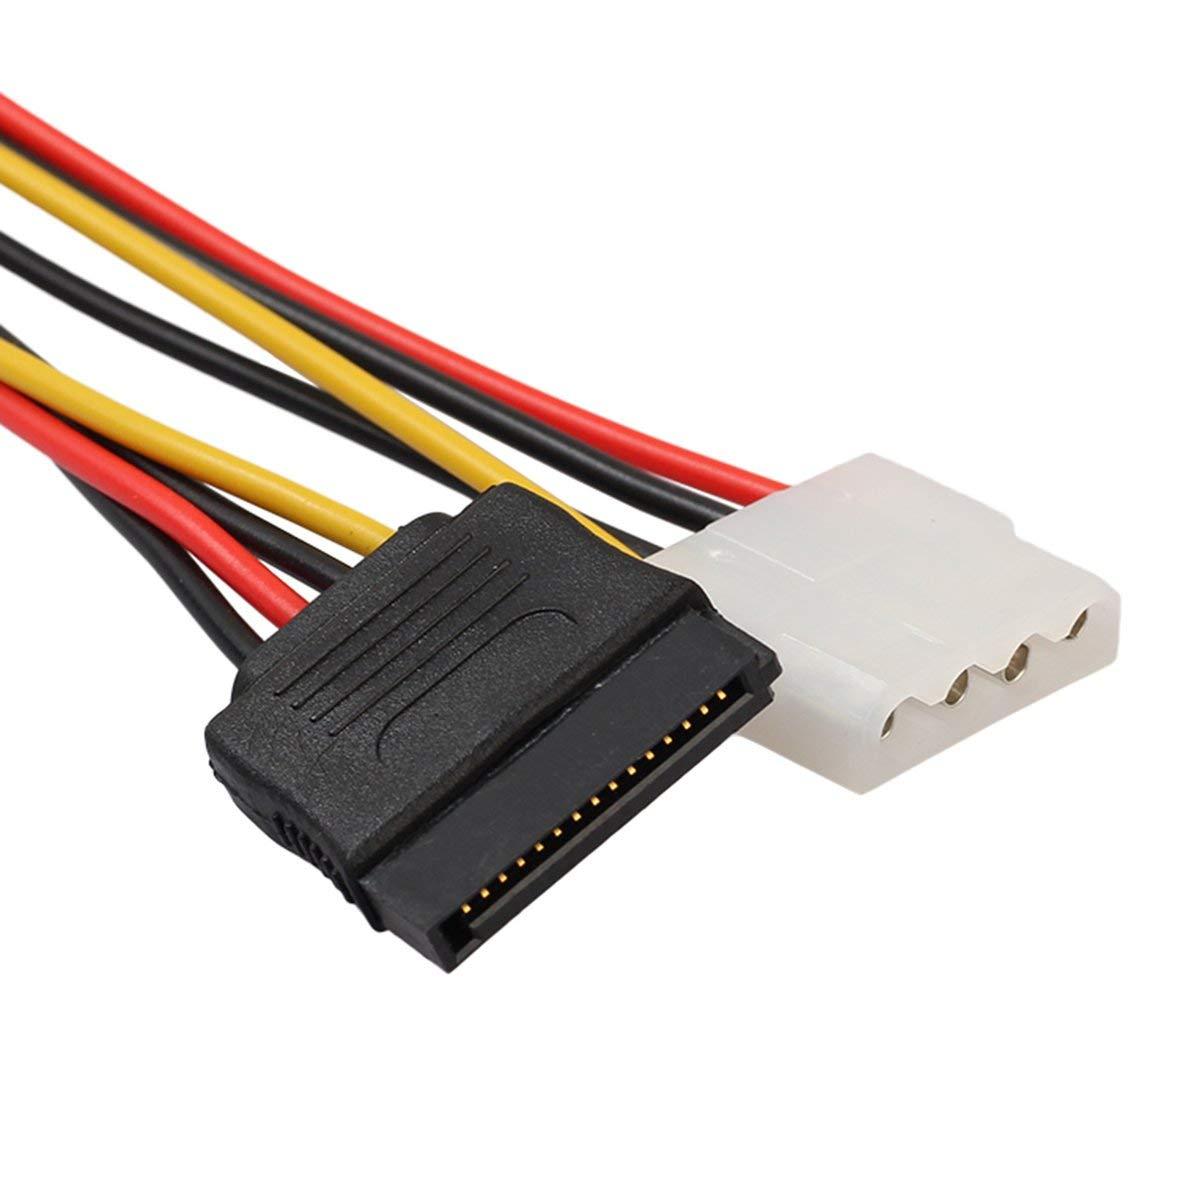 SATA Buchse Stromkabel 18AWG 1 bis 2 Stromleitung f/ür Motherboard und Festplatte Heaviesk 15 Pin SATA Stecker auf 4Pin IDE Molex Buchse